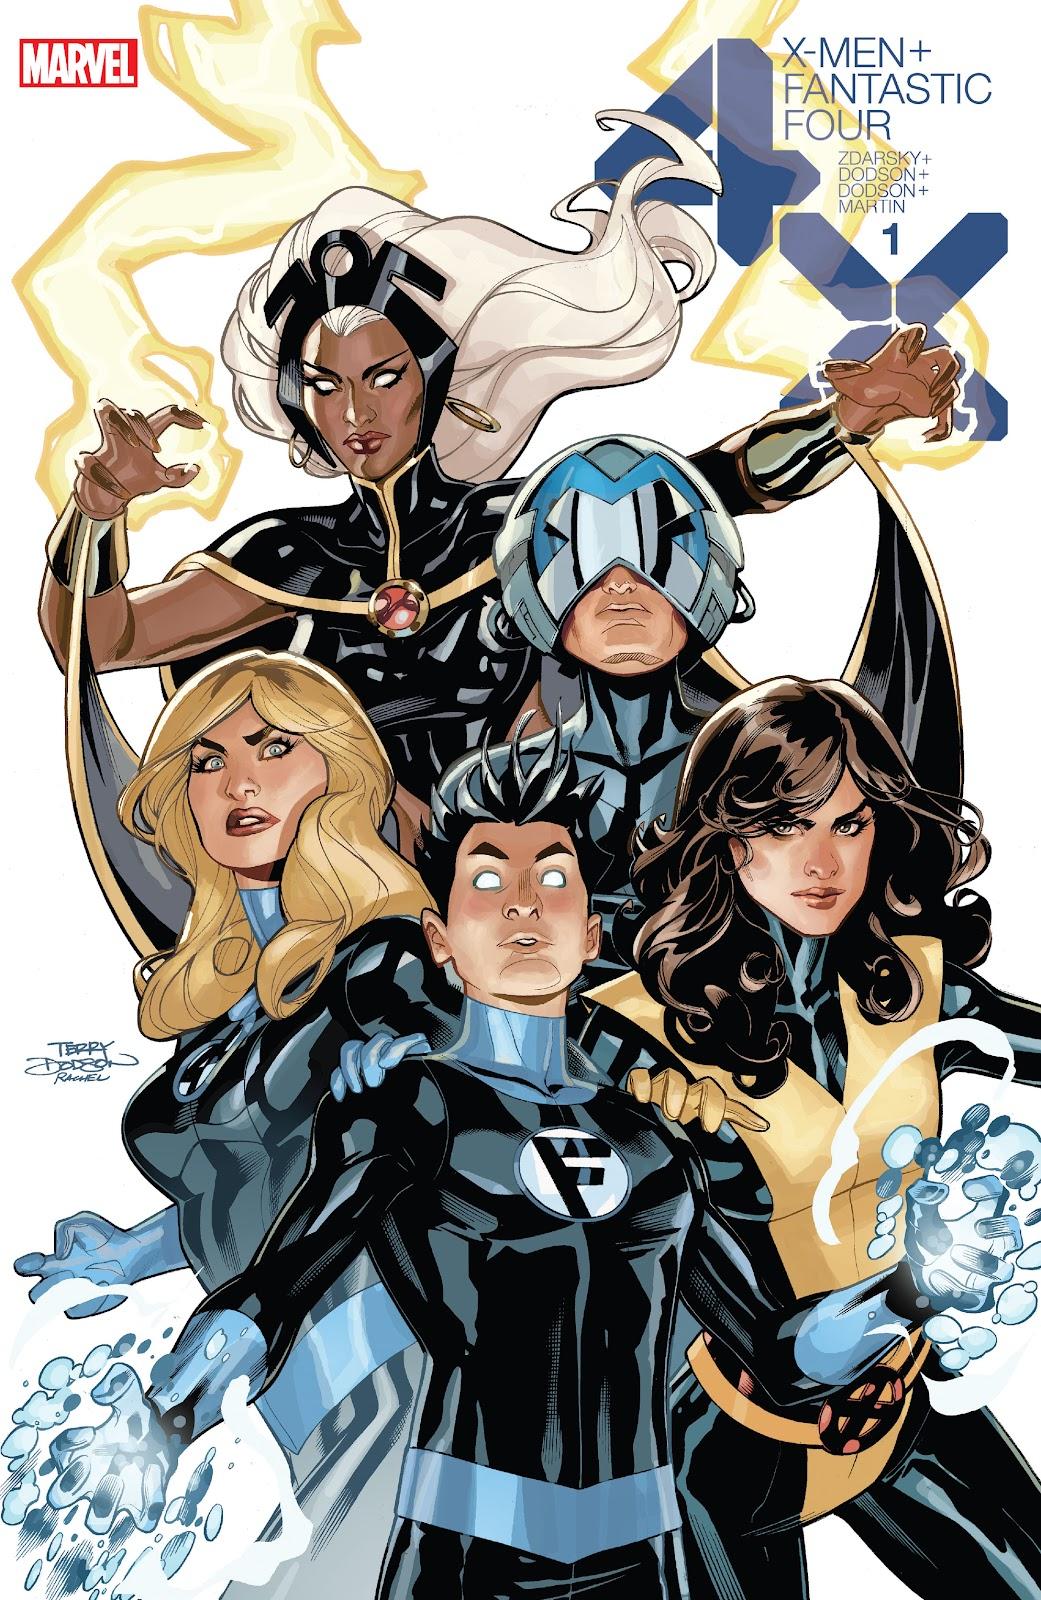 X-Men/Fantastic Four (2020) issue _Directors_Cut - Page 1